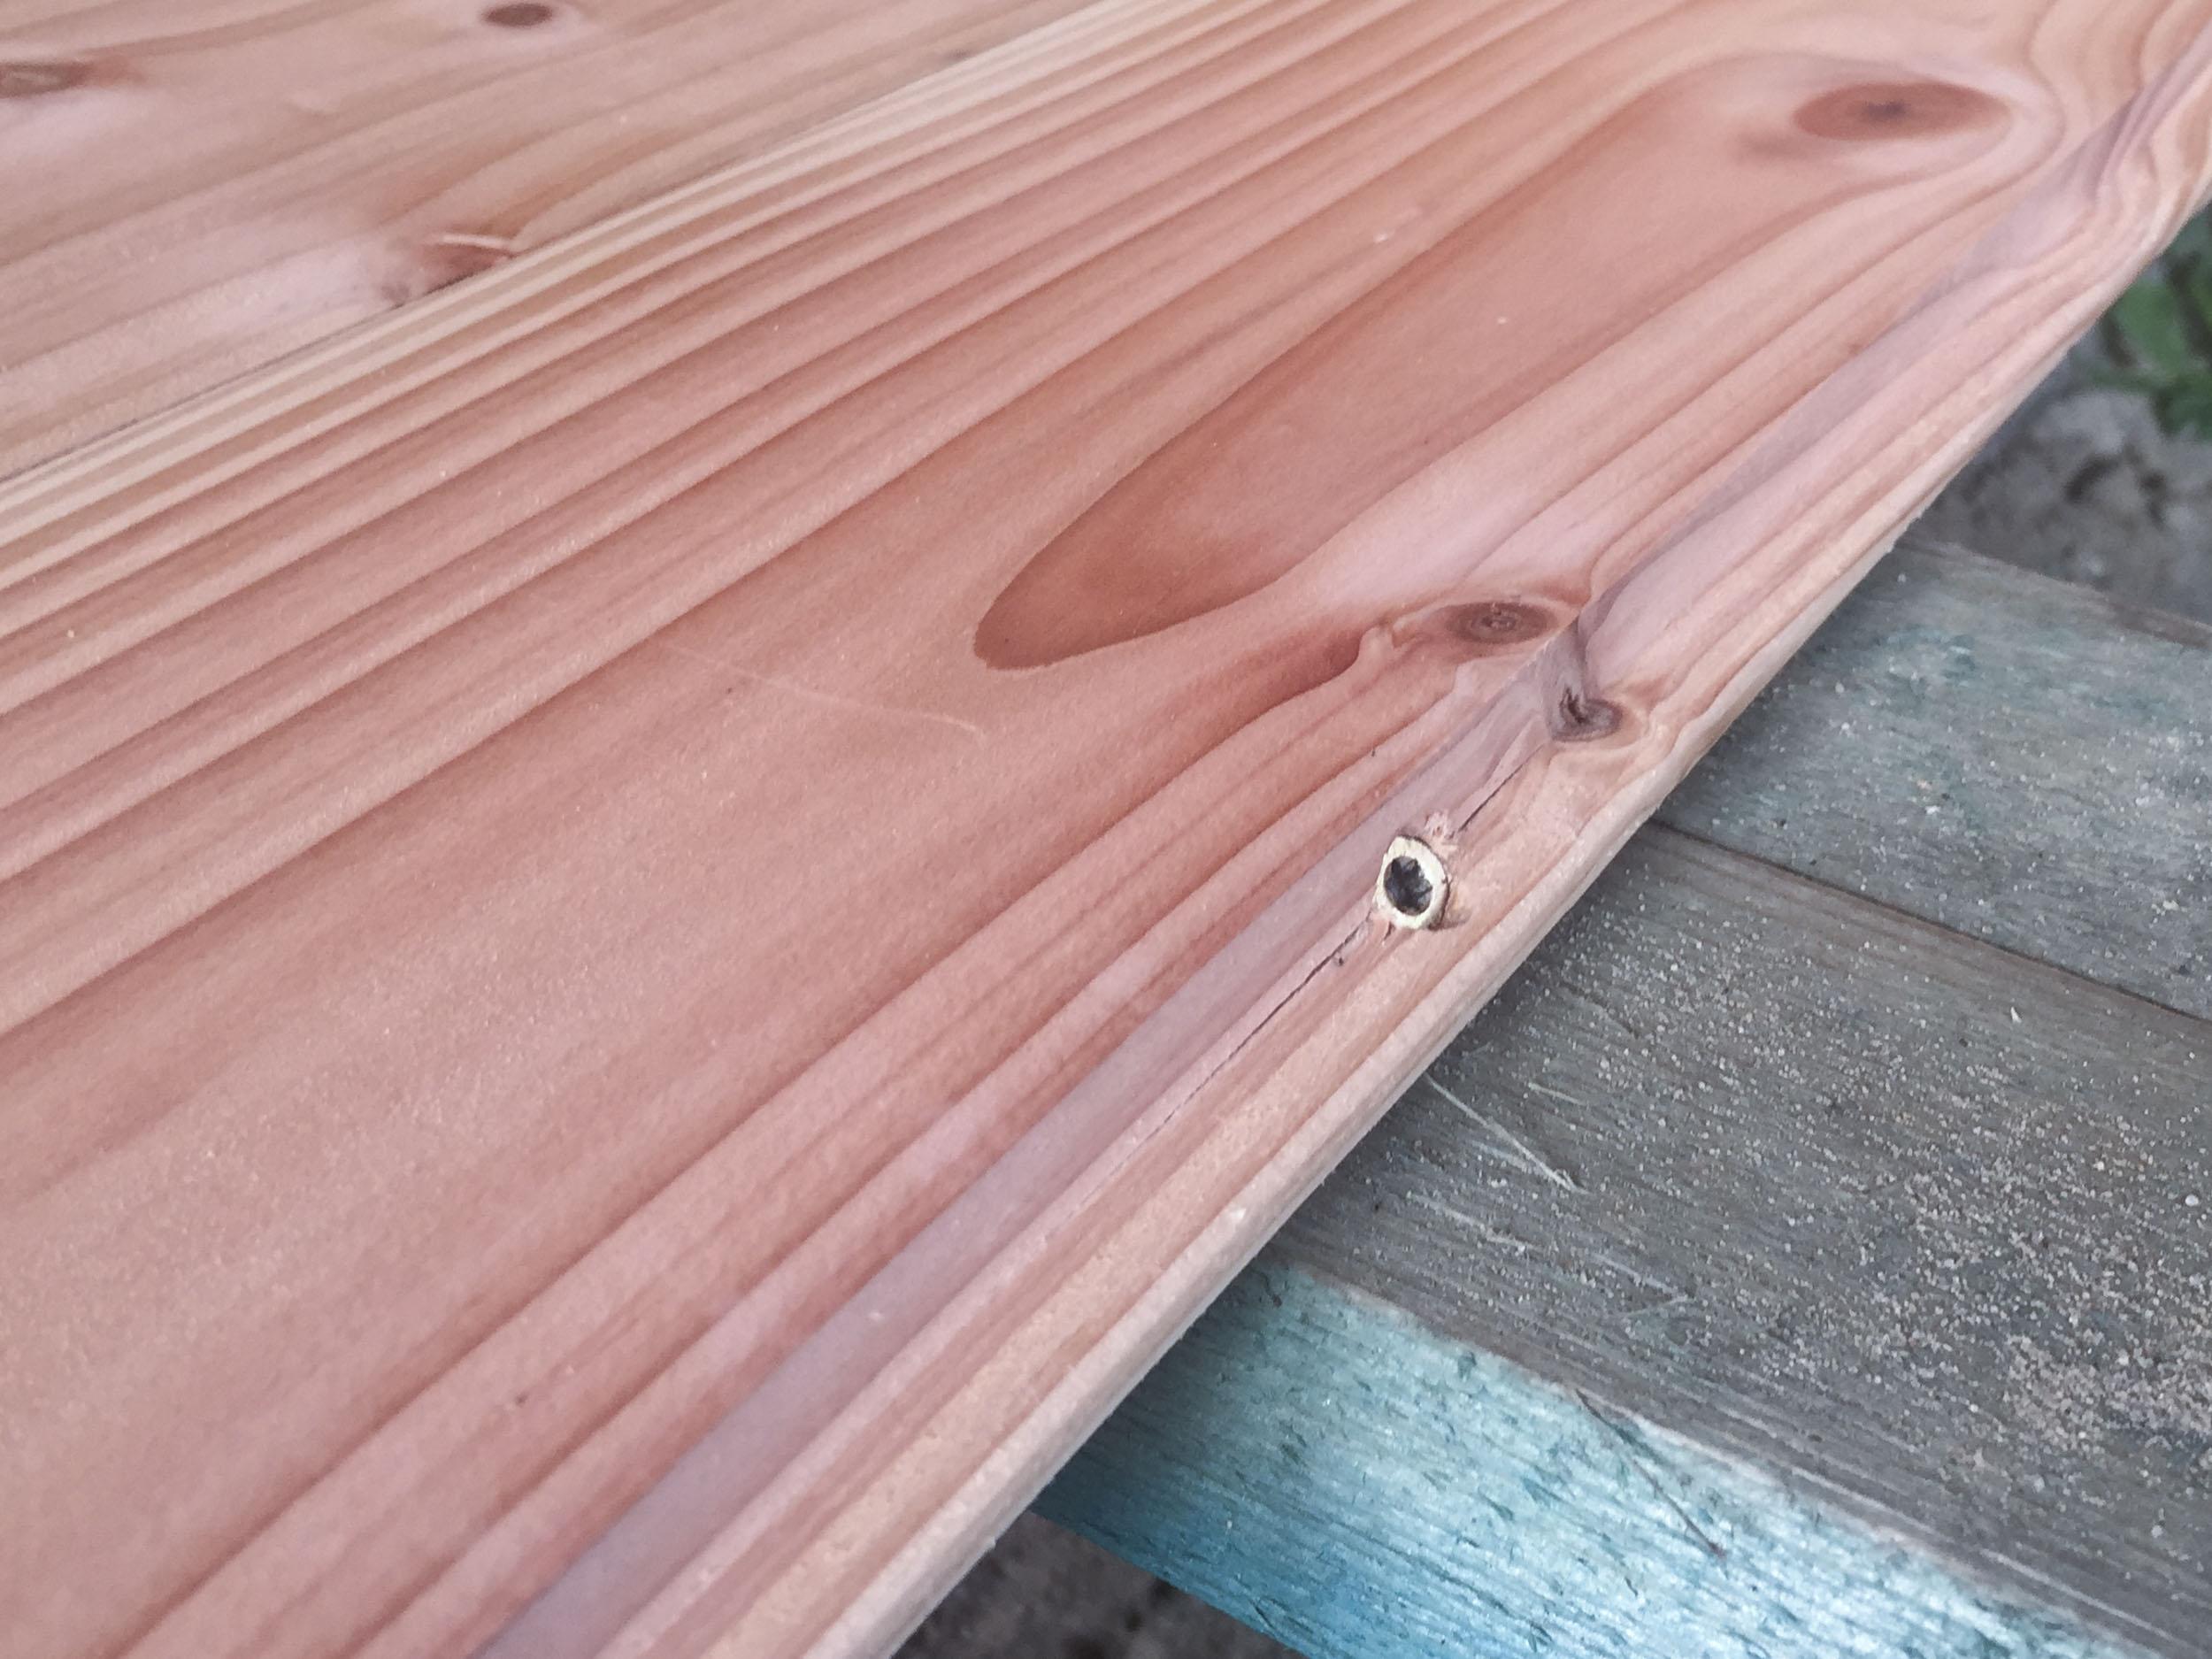 Holzfußboden Behandeln ~ Holzfußboden verlegen schritt für schritt erklärt plus material